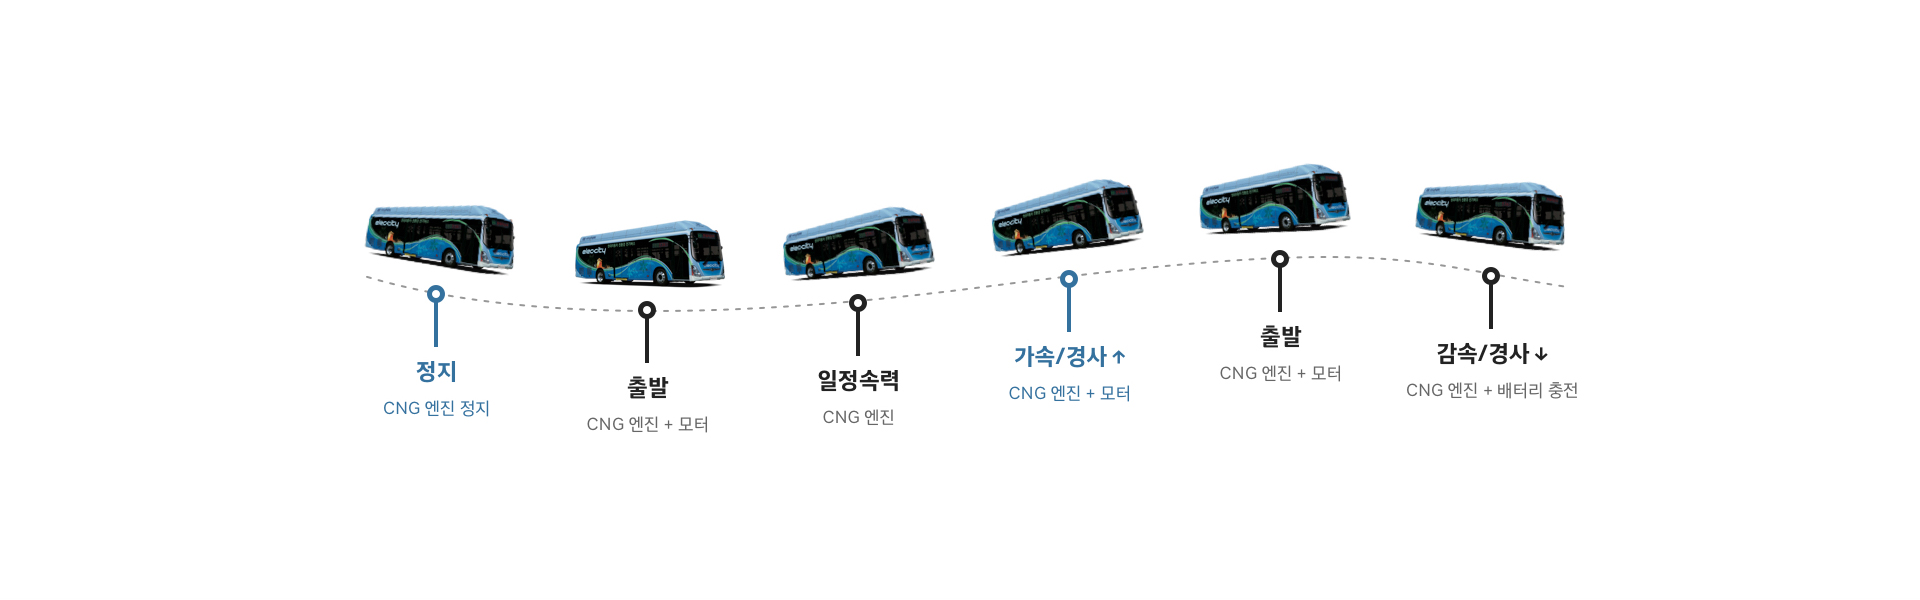 정지(CNG 엔진 정지), 출발(CNG 엔진 + 모터), 일정속력(CNG 엔진), 가속/경사↑(CNG 엔진 + 모터), 출발(CNG 엔진 + 모터), 감속/ 경사 ↓(CNG 엔진 + 배터리 충전)